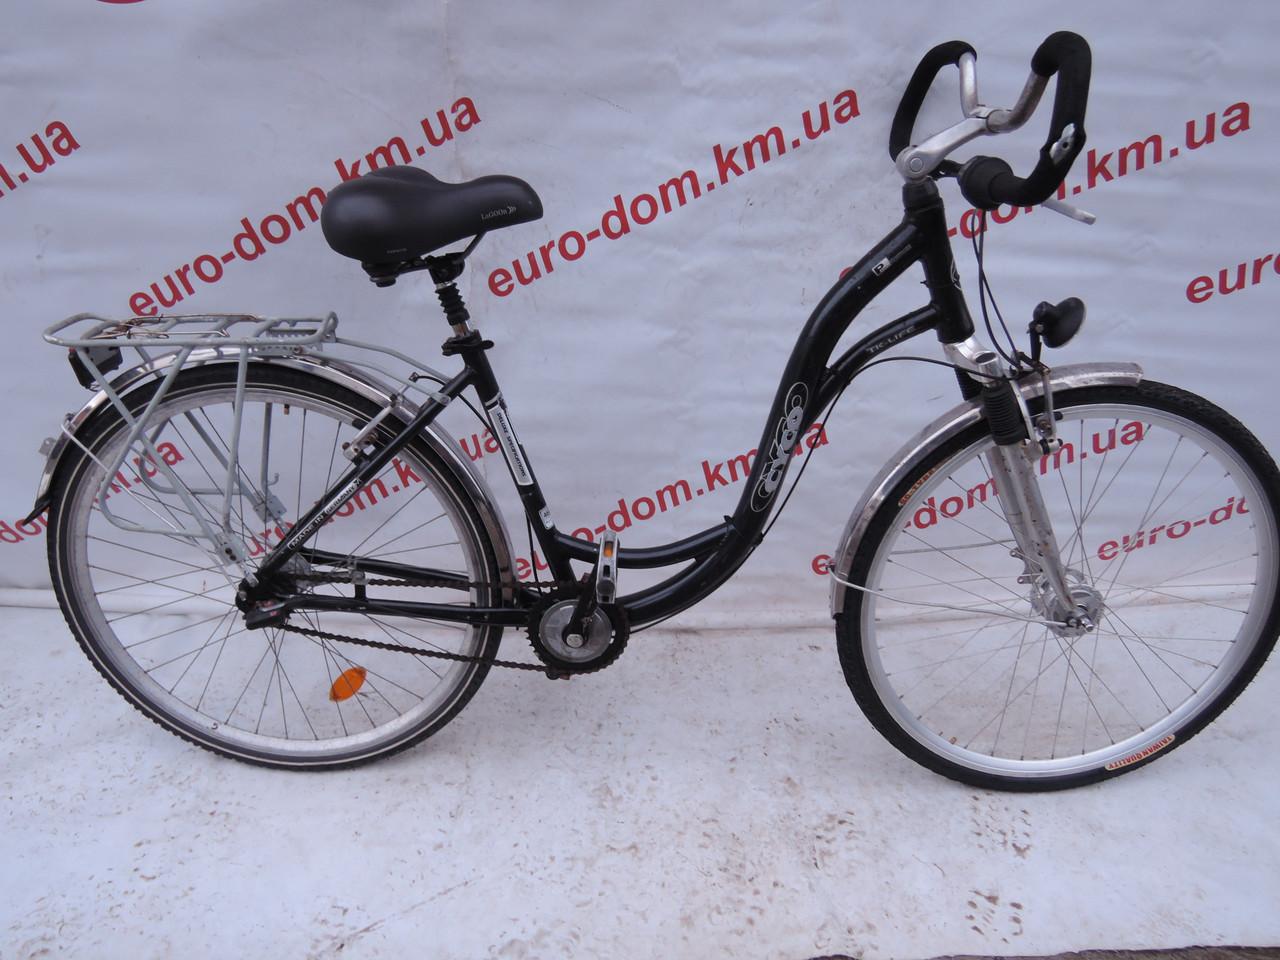 Городской велосипед Cyco 28 колеса 7 скоростей на планитарке